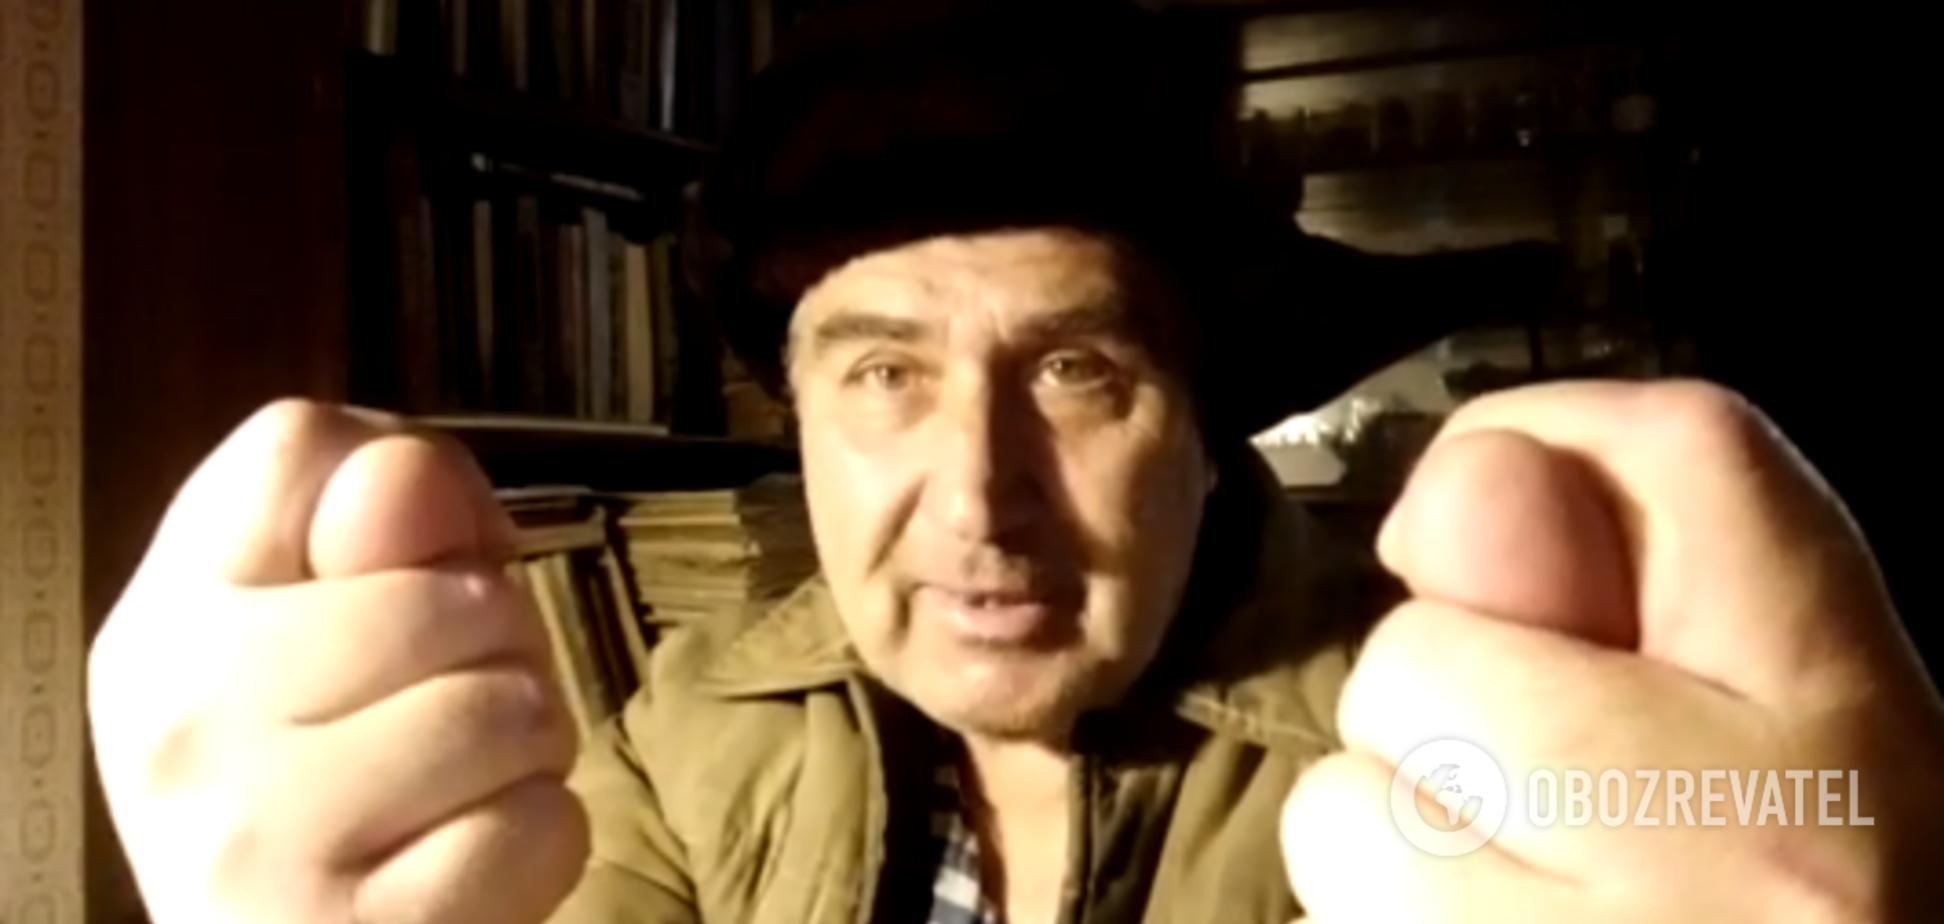 'Сосиску и прописку хочу!' Житель Донбасса пригрозил 'закоротить' Путина